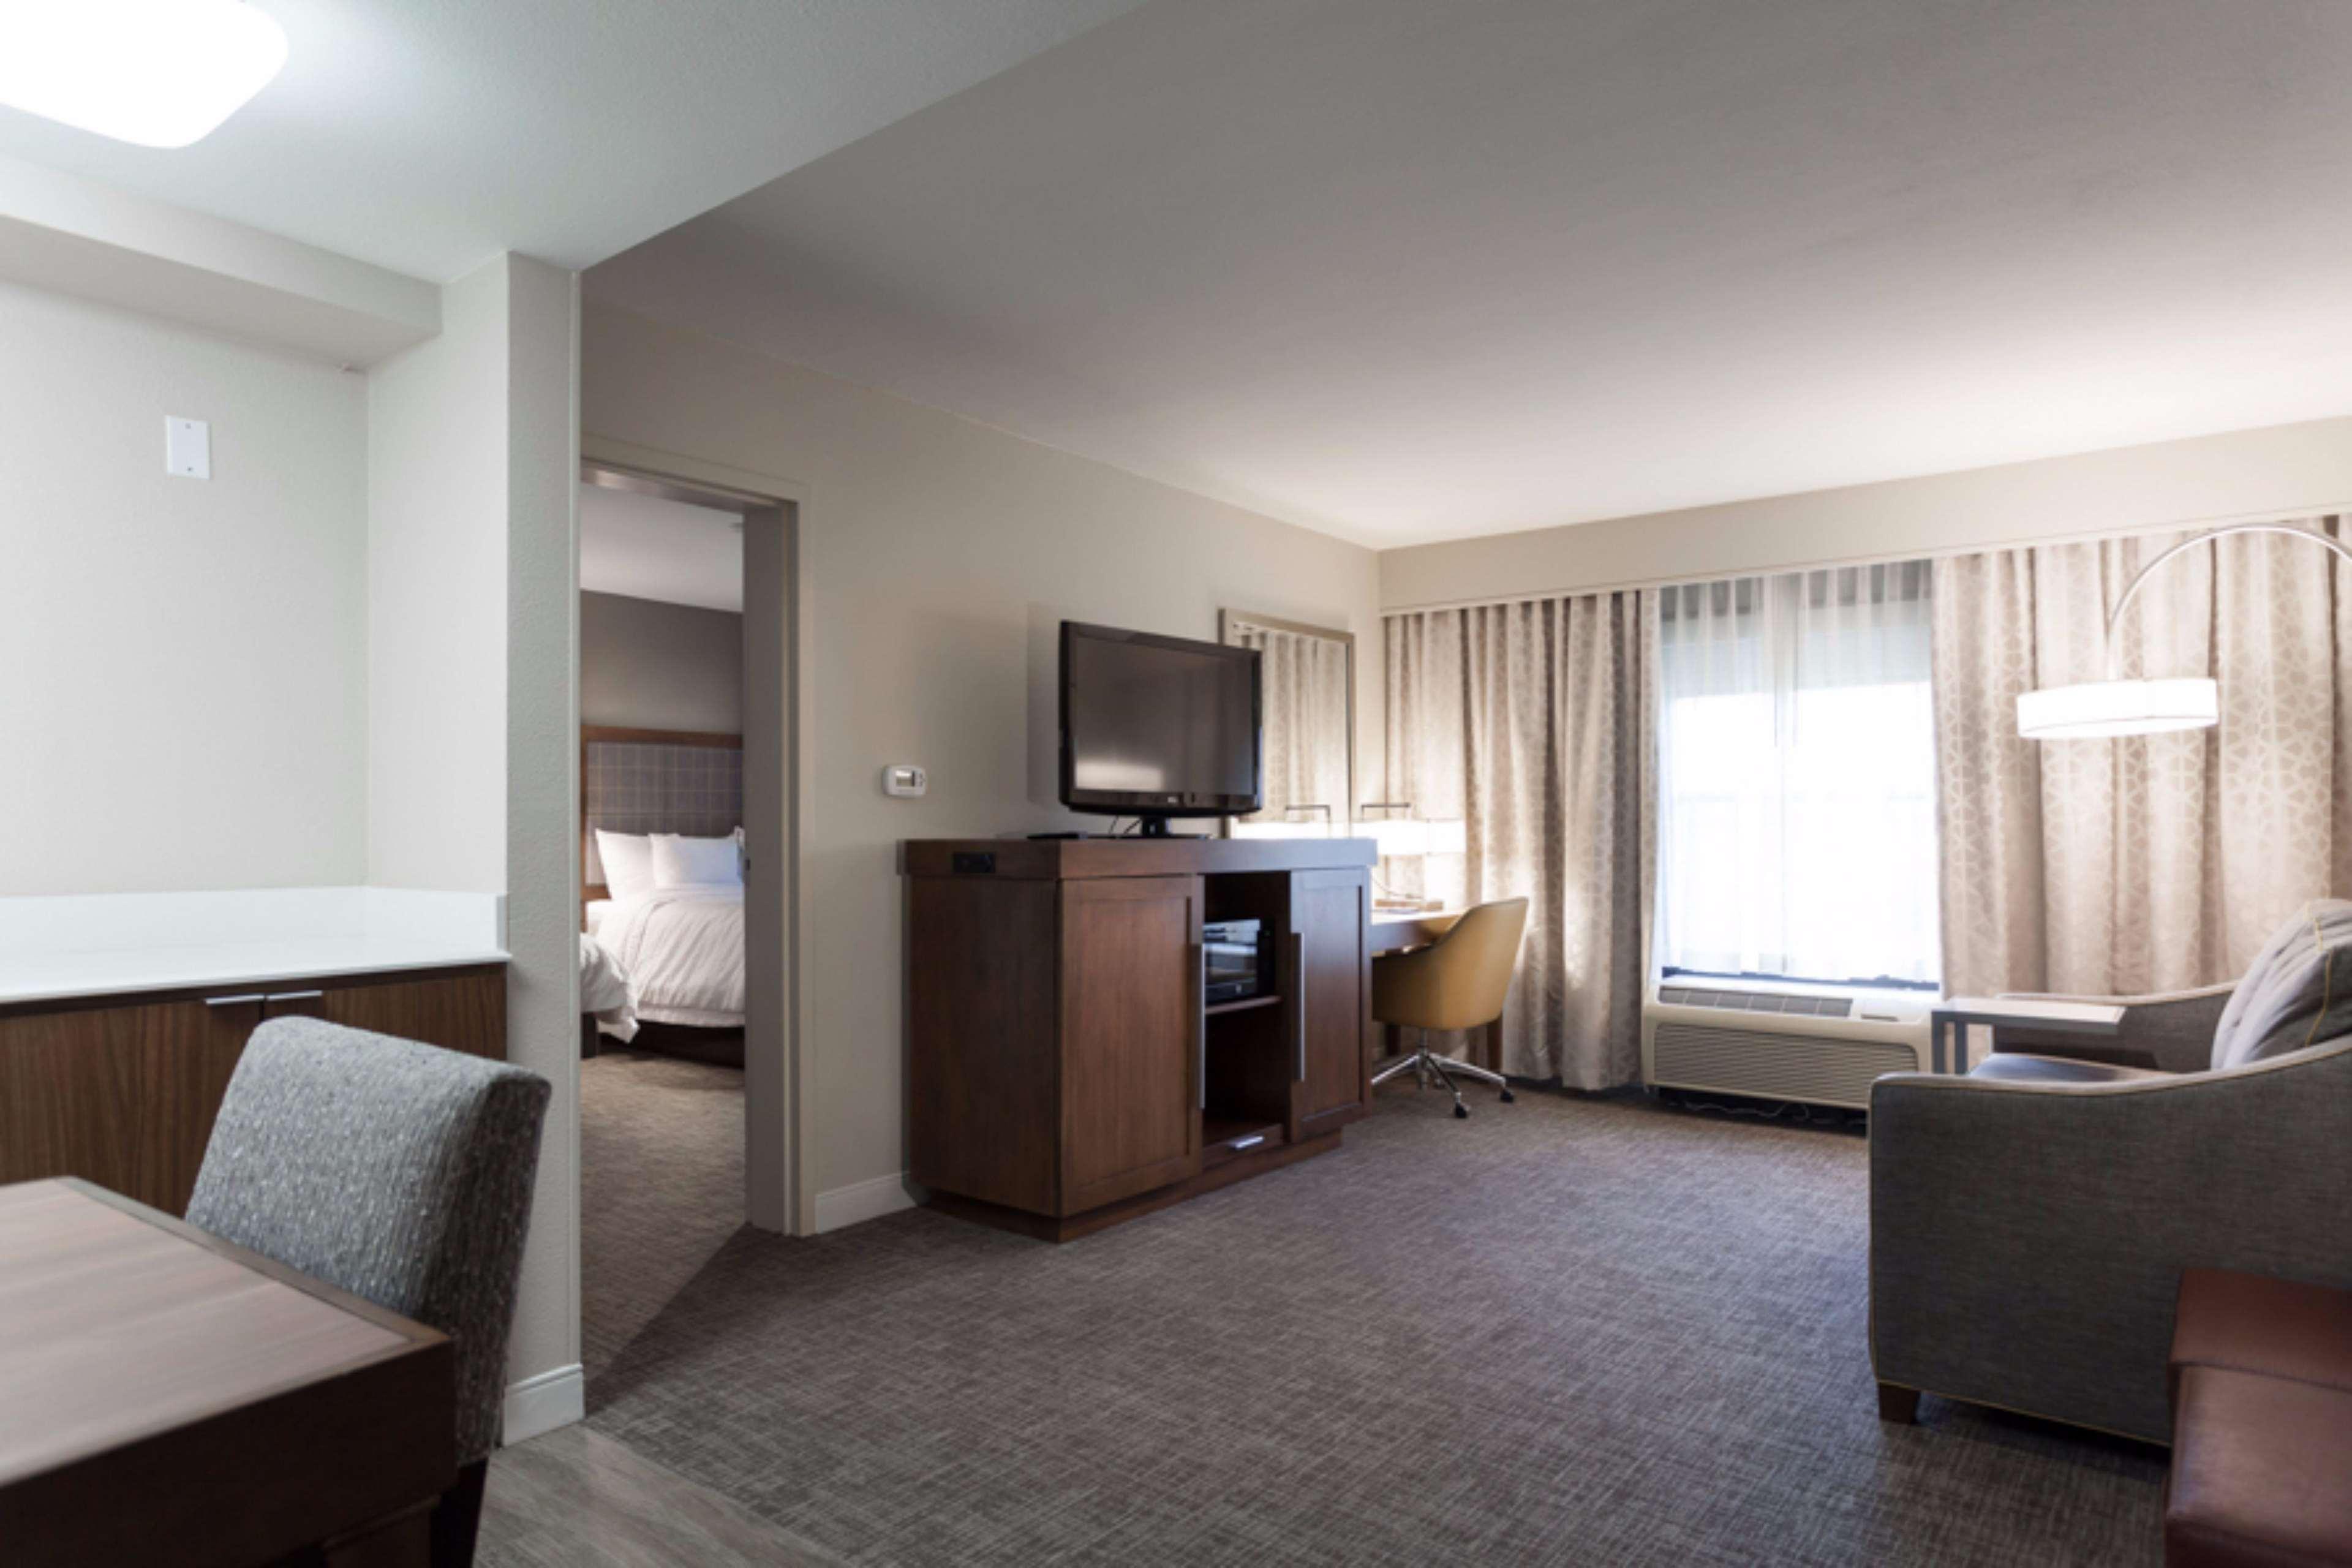 Hampton Inn & Suites Dallas-DFW Airport North-Grapevine in Grapevine, TX, photo #25